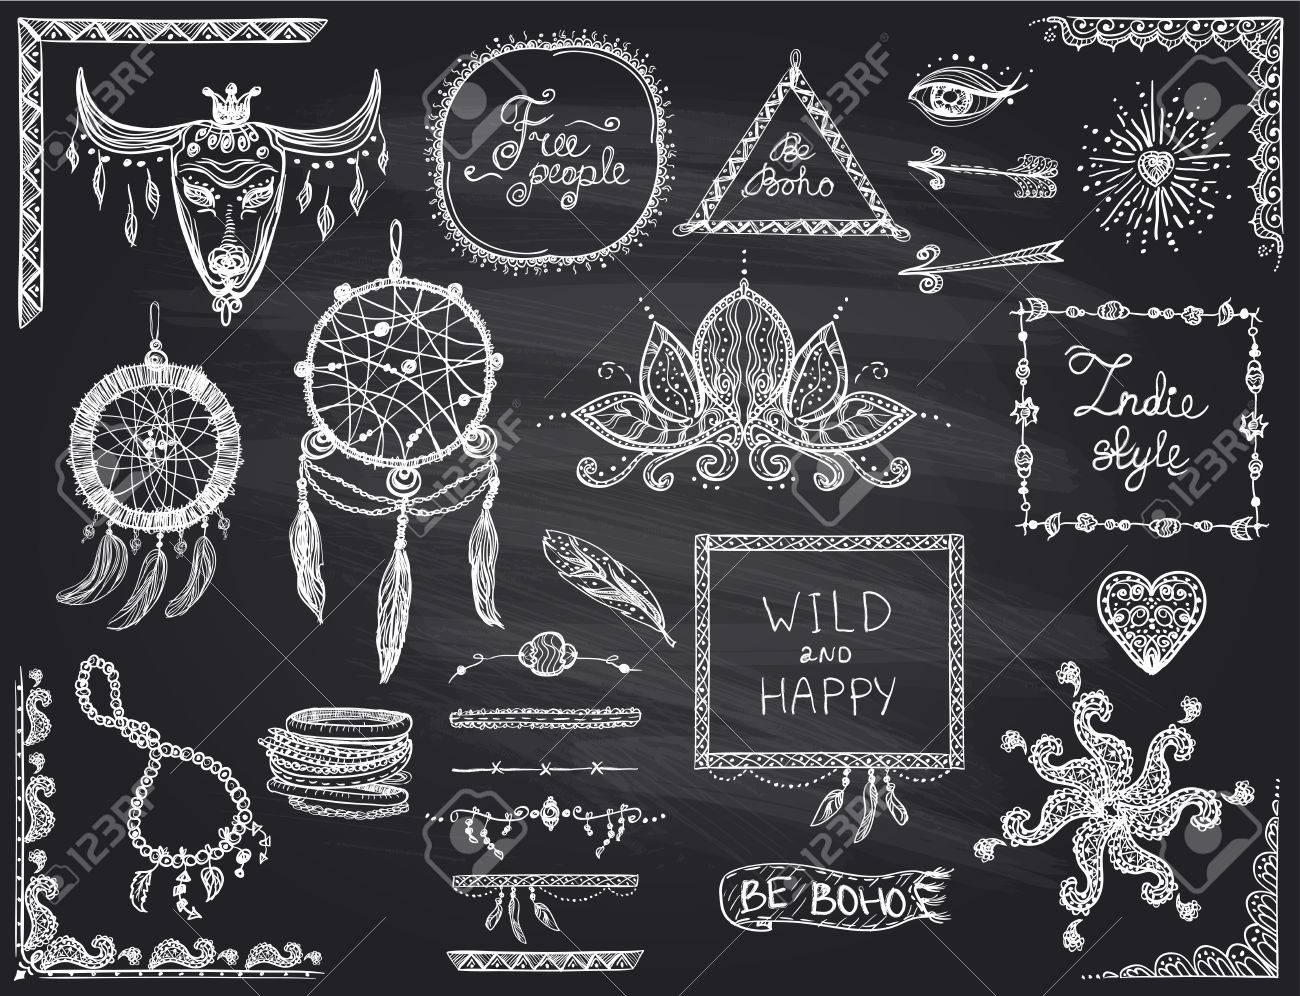 a22dd6cb68c Chalkboard Hand Drawn Sketch Elements Set In Boho Style